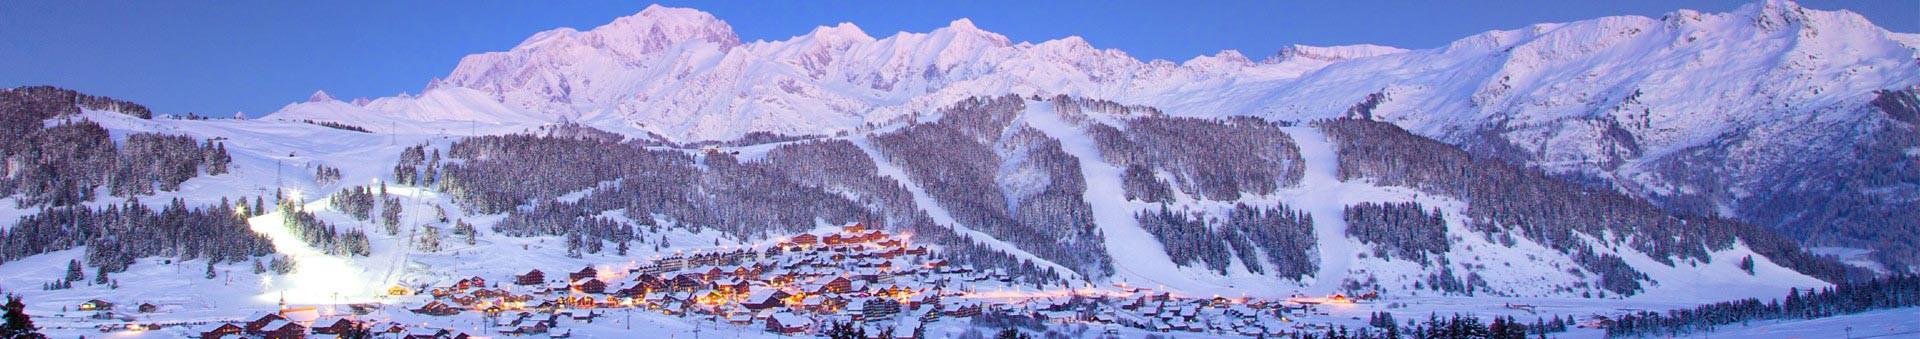 col-des-saisies-hiver-2549-2605